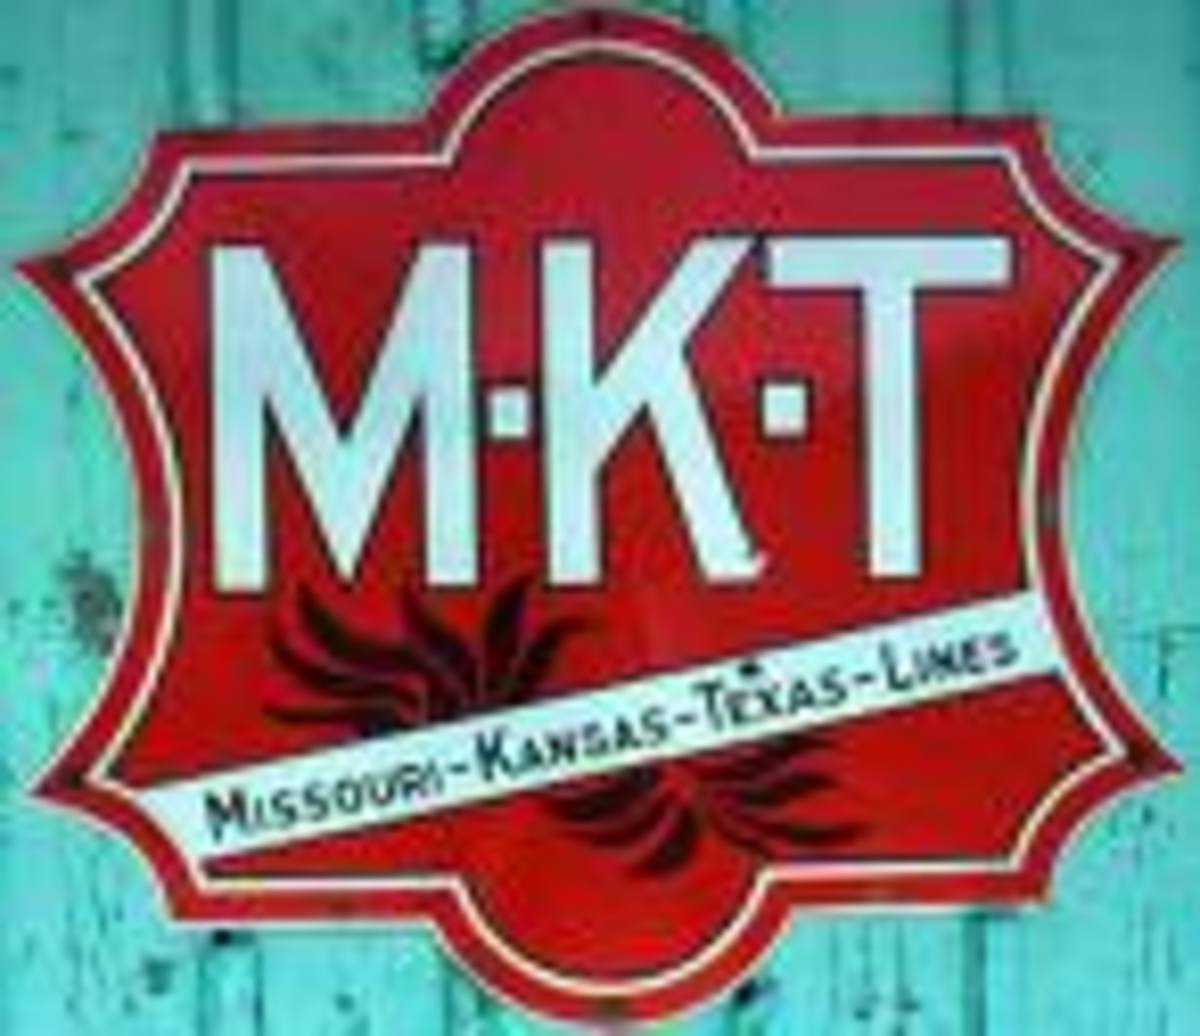 MKT (Missouri, Kansas, Texas) Railroad also know as Katy Railroad